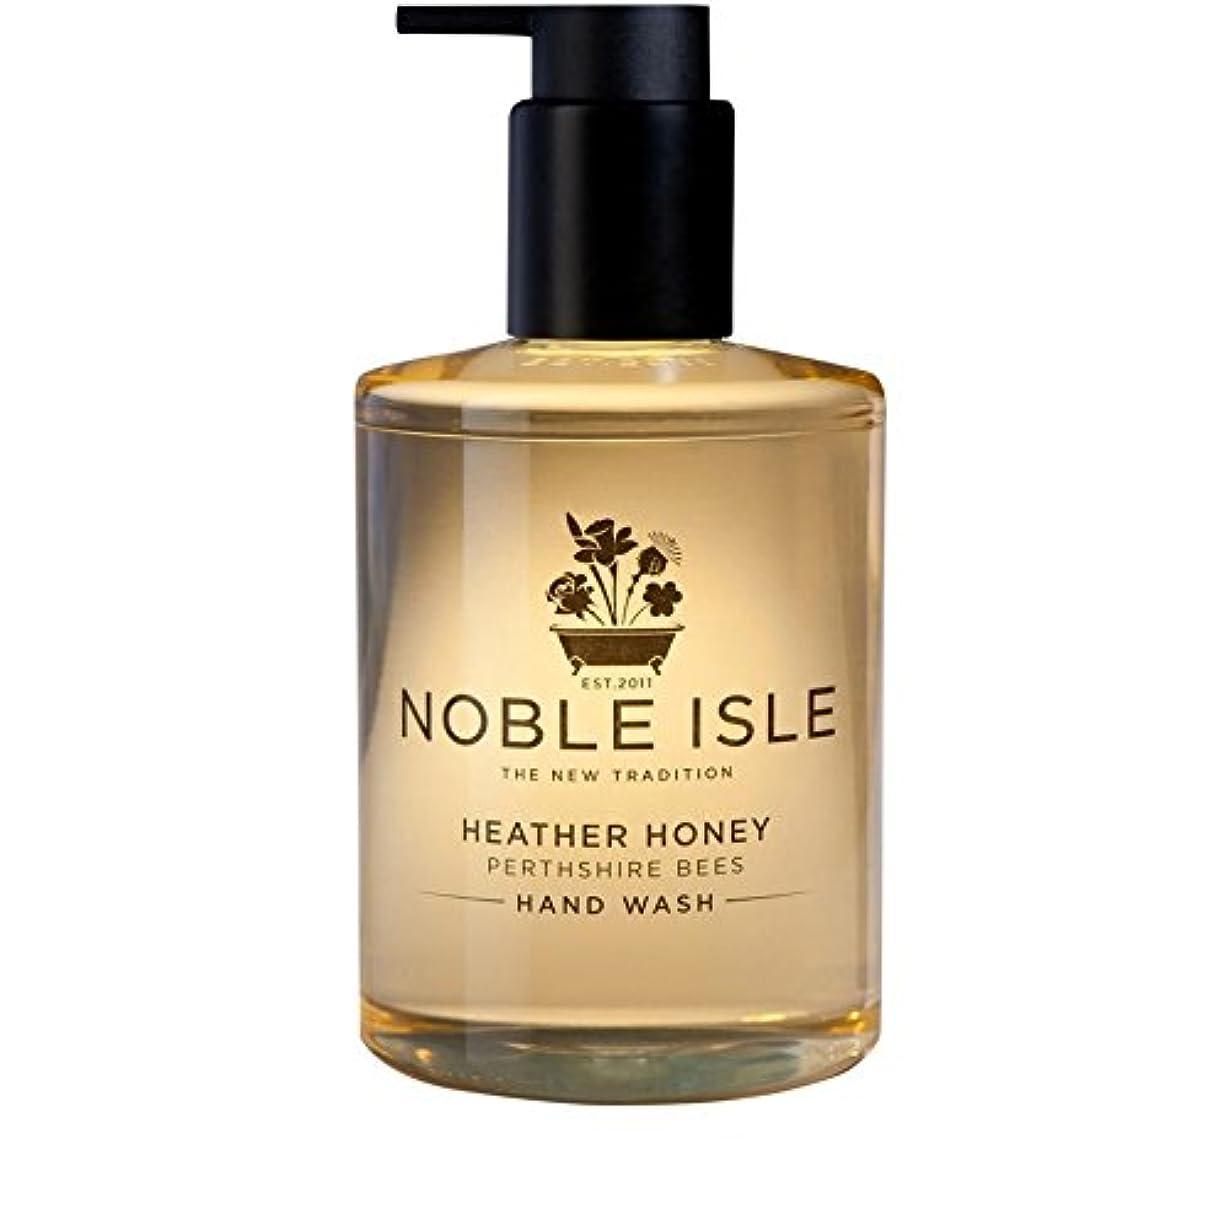 ノベルティけん引修理工Noble Isle Heather Honey Perthshire Bees Hand Wash 250ml (Pack of 6) - 高貴な島杢蜂蜜パースシャー蜂のハンドウォッシュ250ミリリットル x6 [並行輸入品]